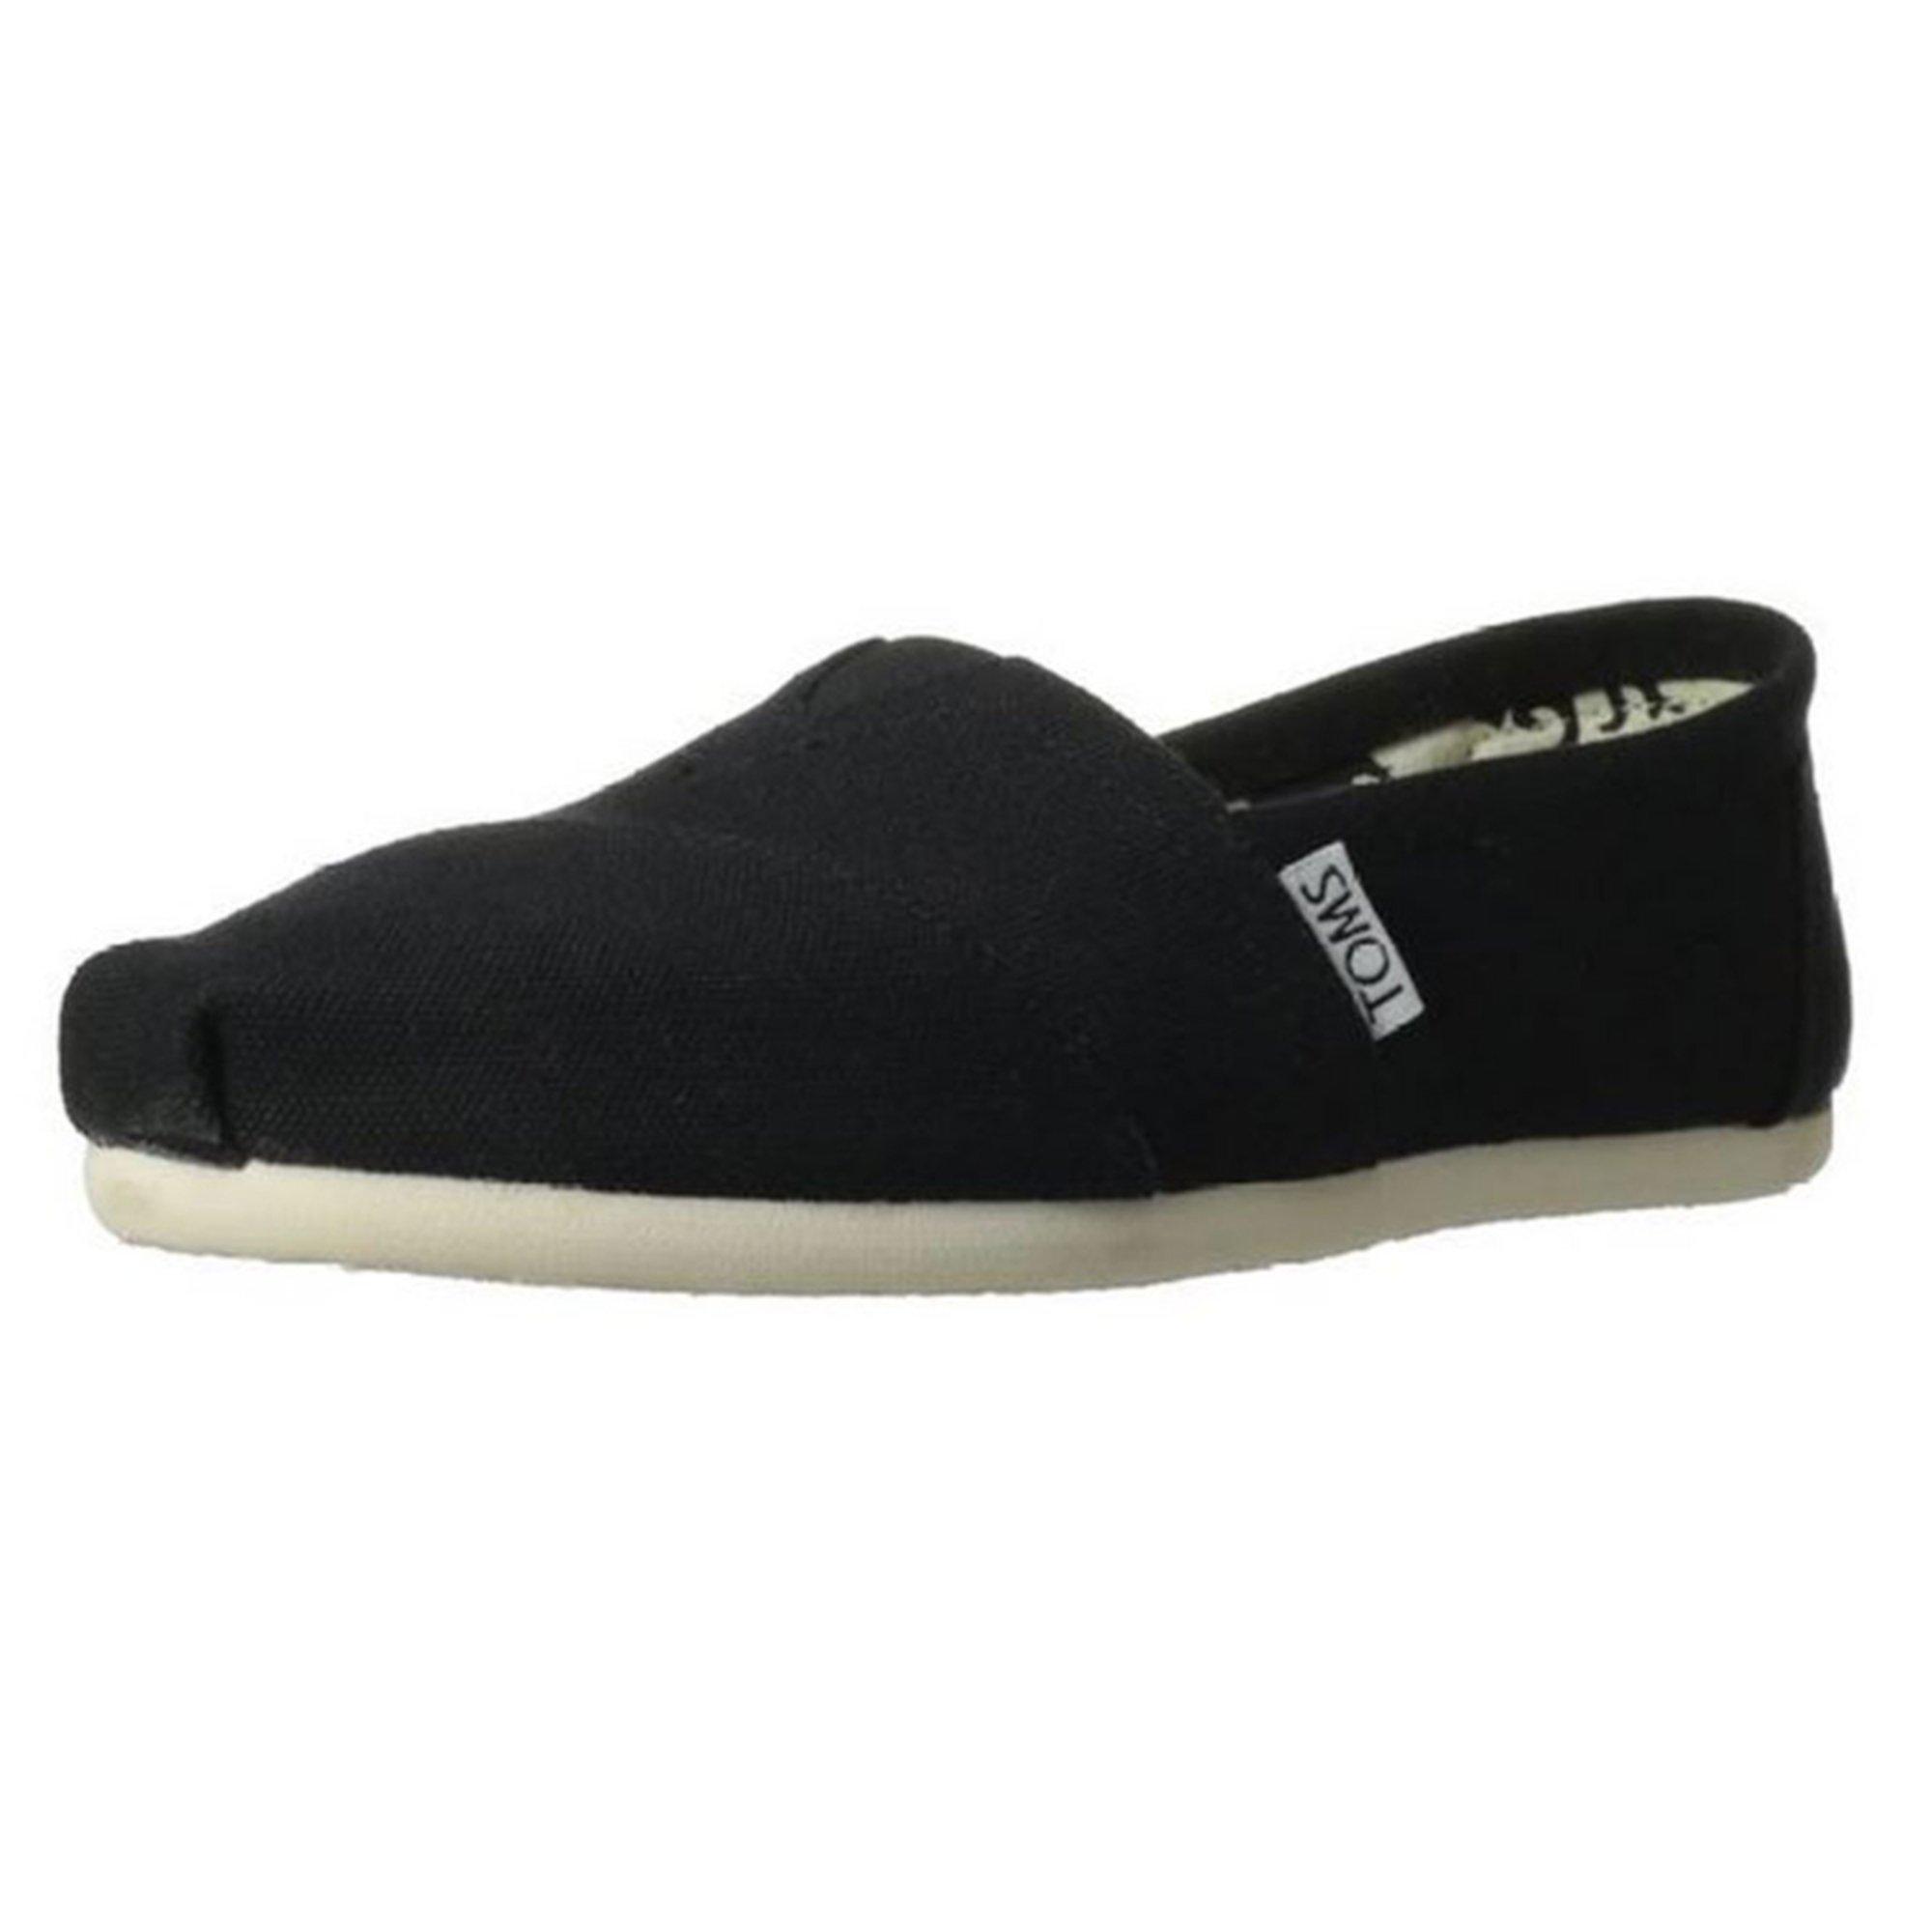 c27a770272c028 Toms Women's Canvas Classic Slip On Shoe | Women's Slip On Shoes ...